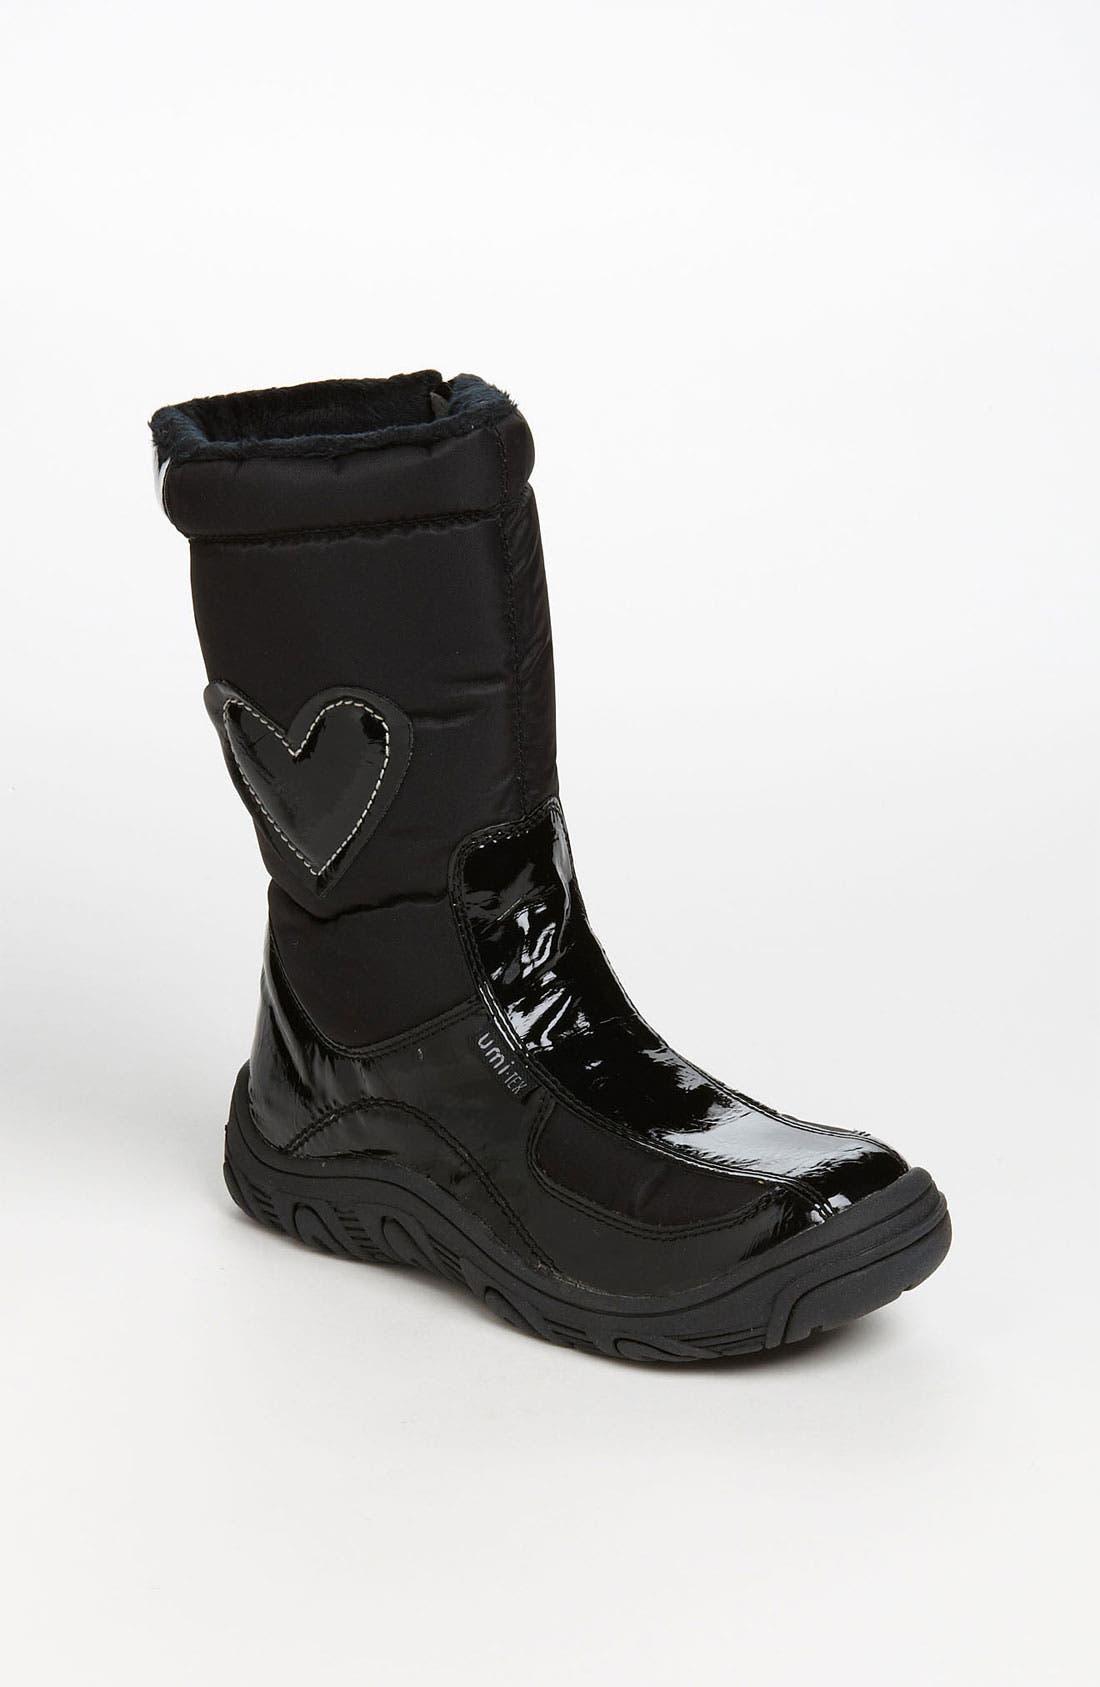 Alternate Image 1 Selected - Umi Waterproof Boot (Toddler, Little Kid & Big Kid)